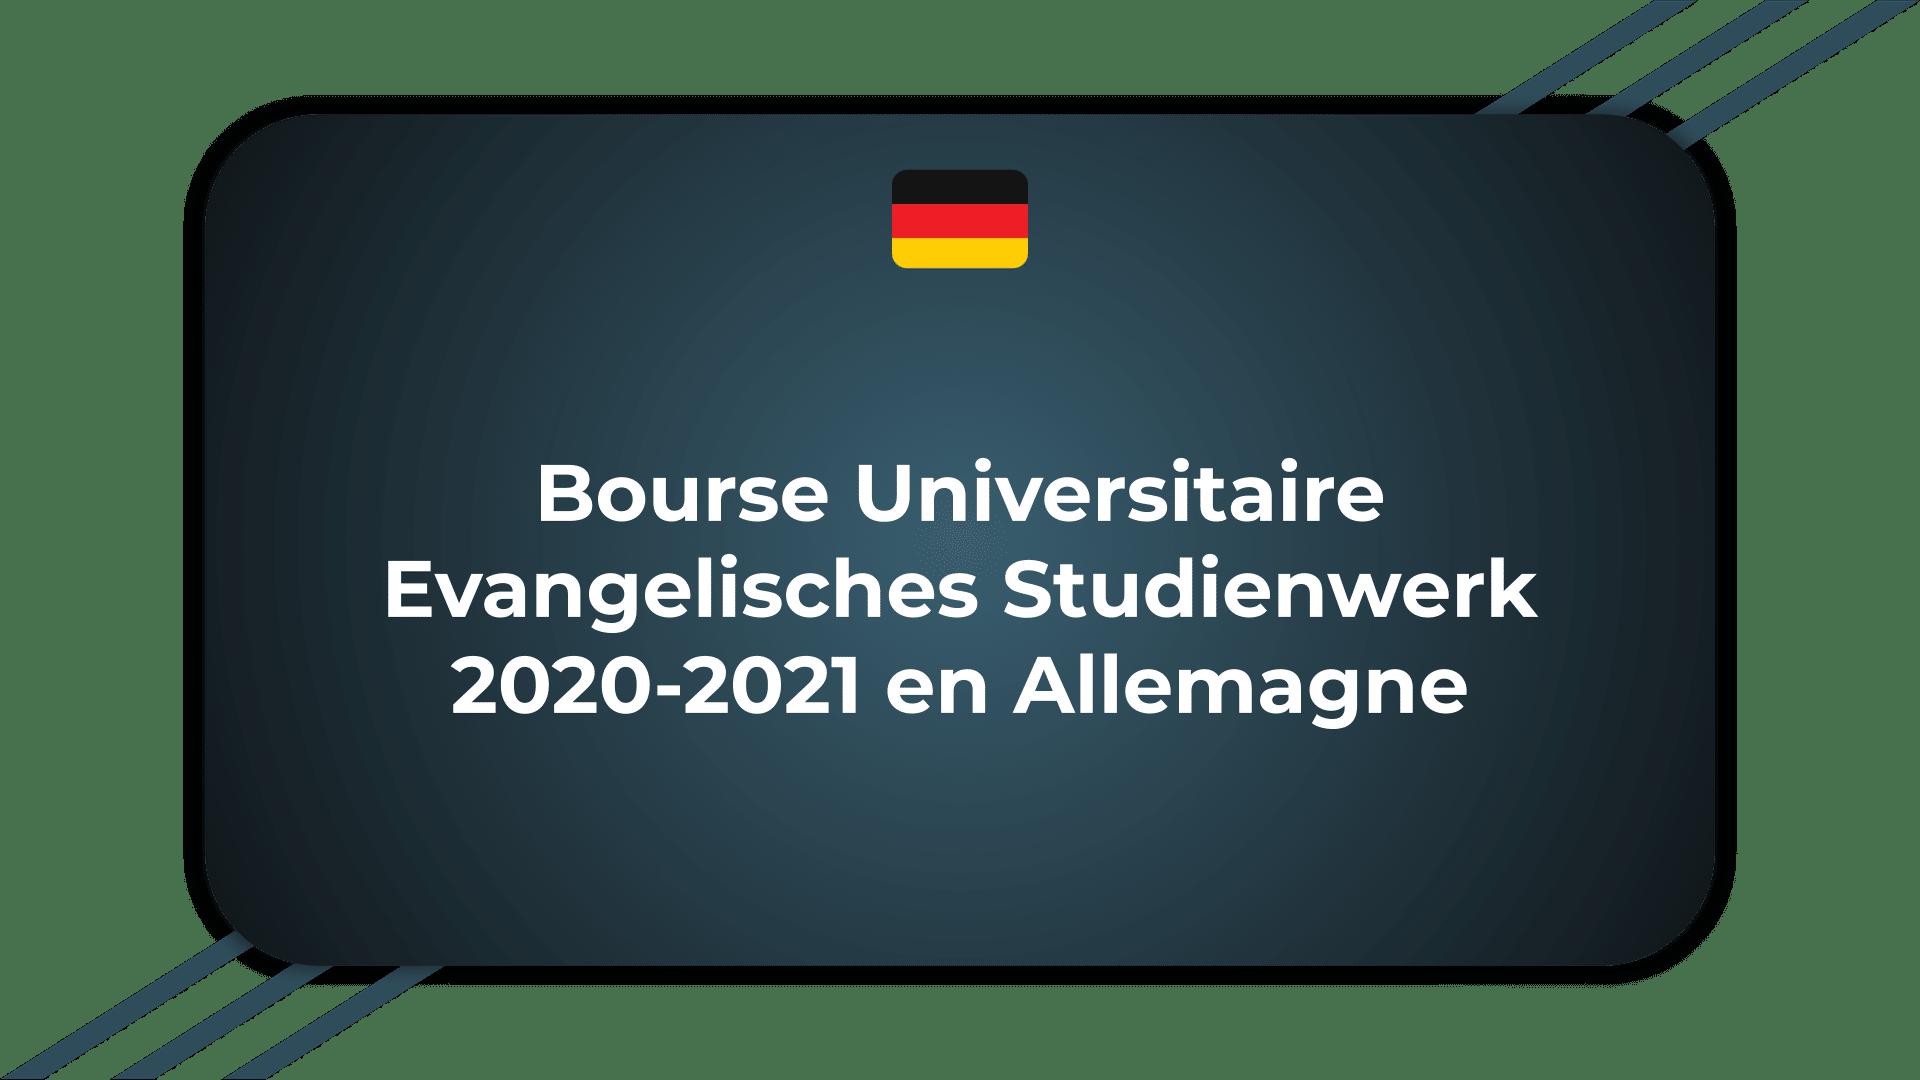 Bourse Universitaire Evangelisches Studienwerk